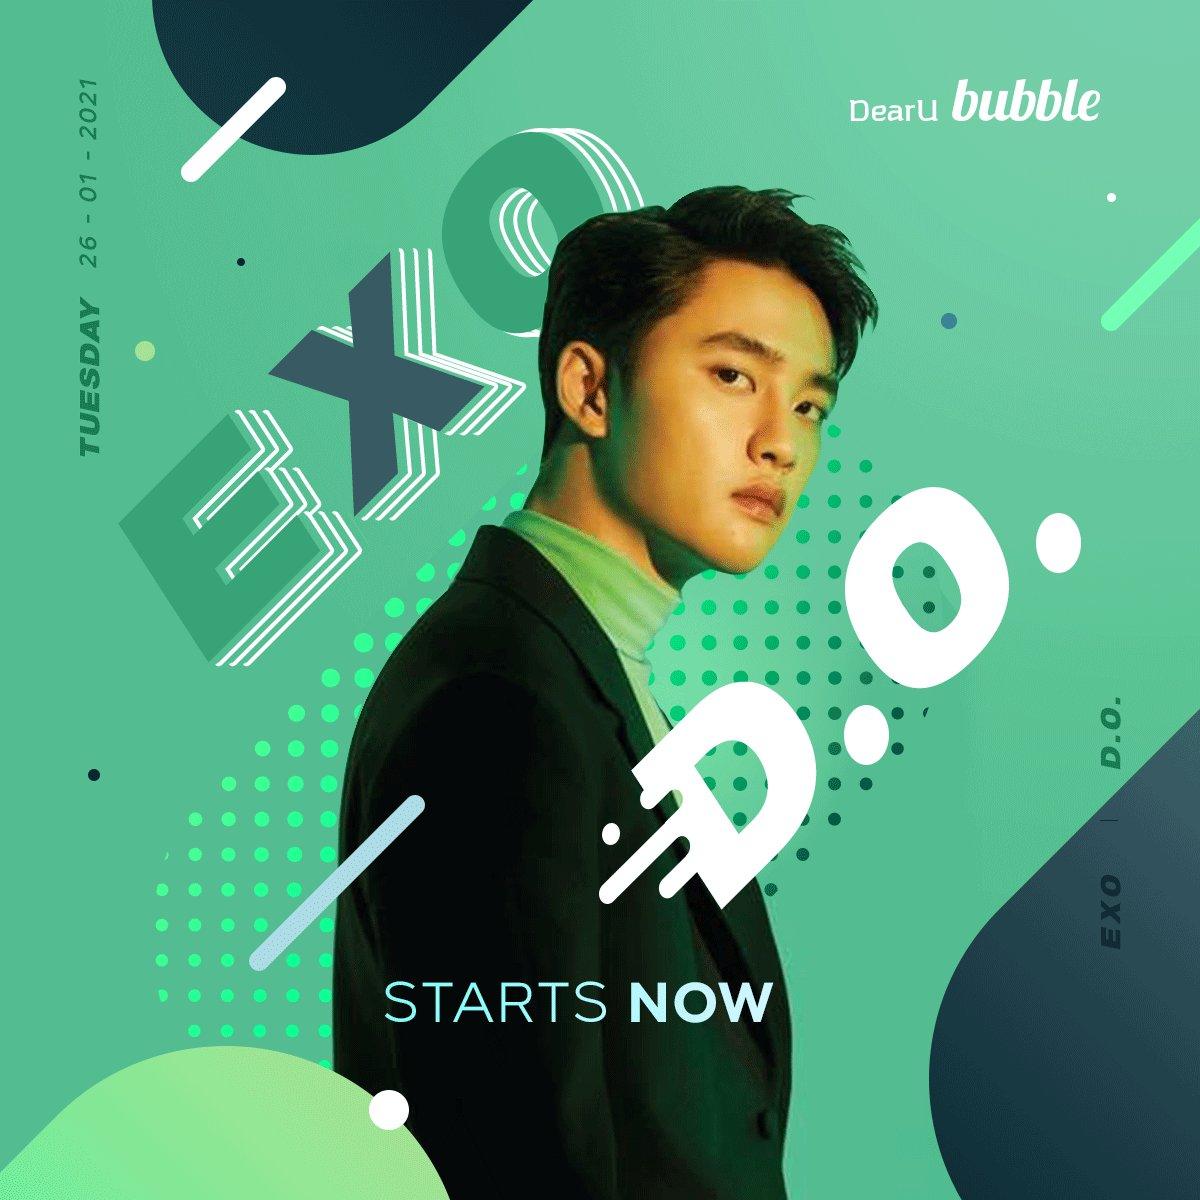 2021년 1월 26일 (KST), EXO D.O. bubble을 지금 시작합니다!  최애 아티스트와 나만의 특별한 프라이빗 메시지!  그 첫 번째 메시지를 놓치지 마세요😊  📱Android  📱iOS   #bubble #버블 #Lysn #리슨 #EXO #엑소 #DO #디오